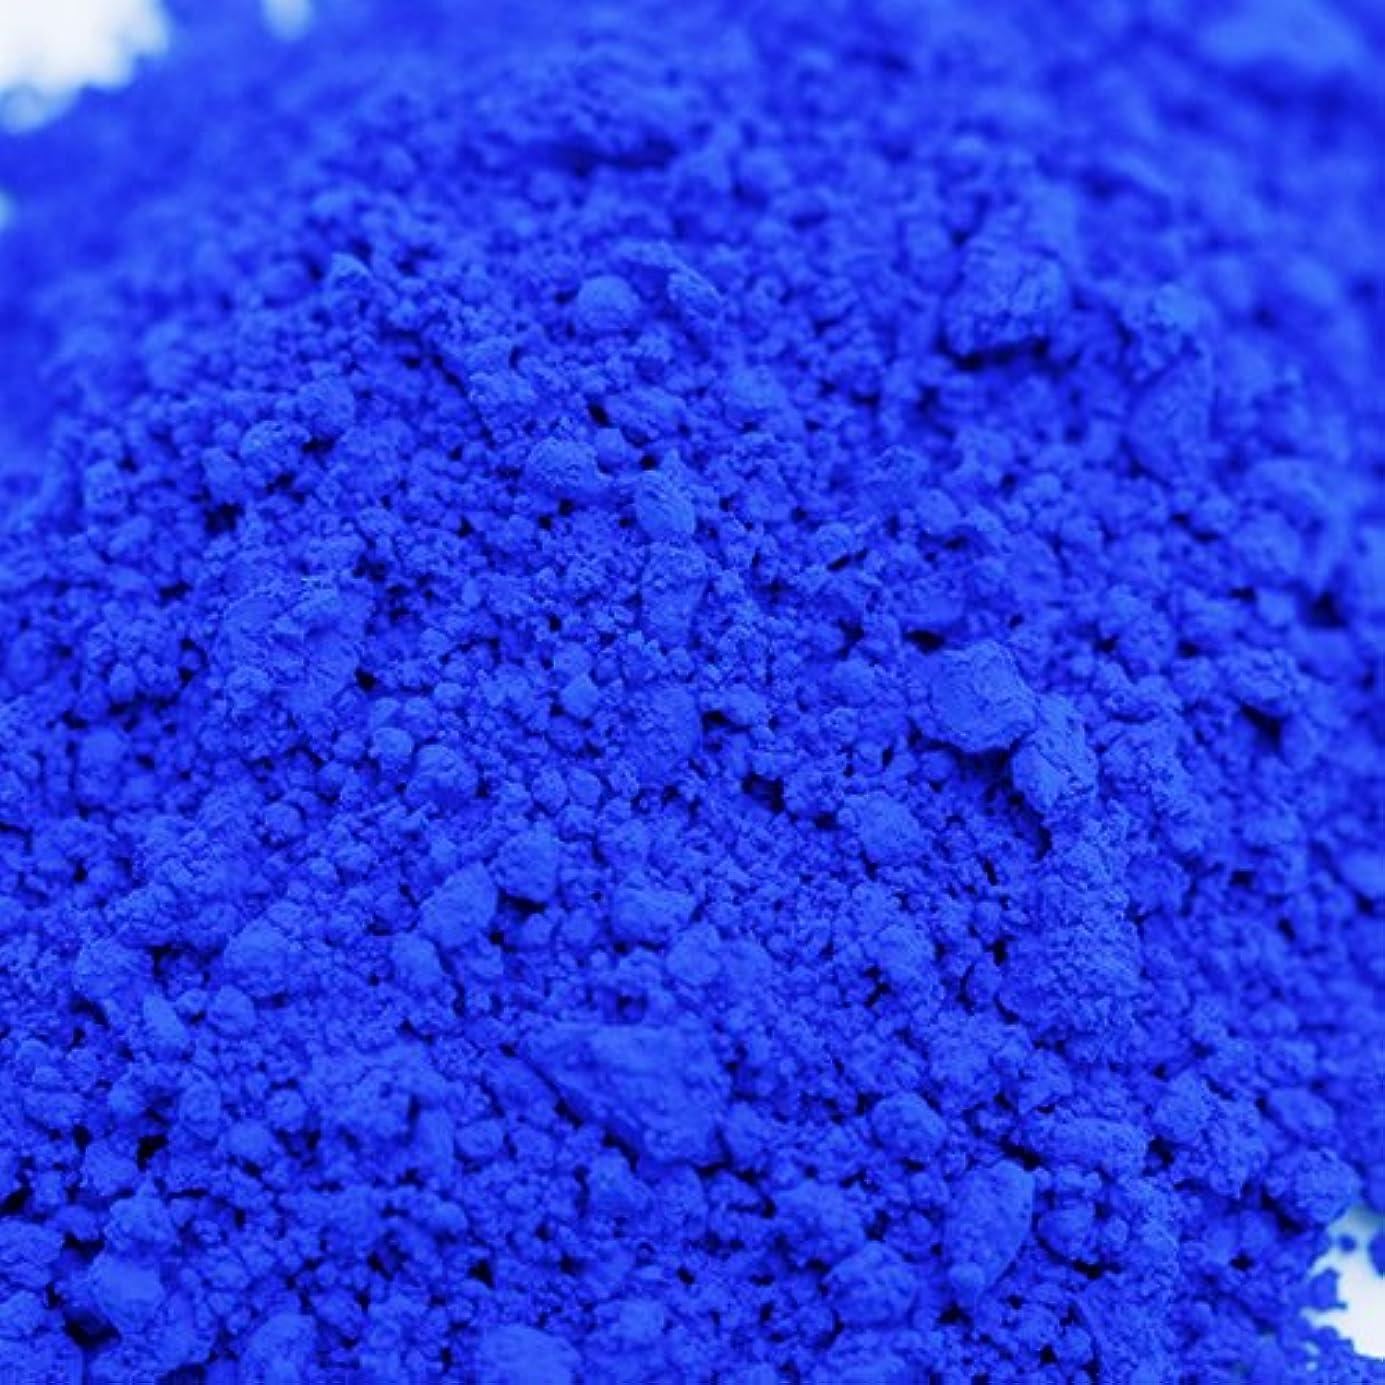 全員バルーン上に築きますウルトラマリン ブルー 20g 【手作り石鹸/手作りコスメ/色付け/カラーラント/青】